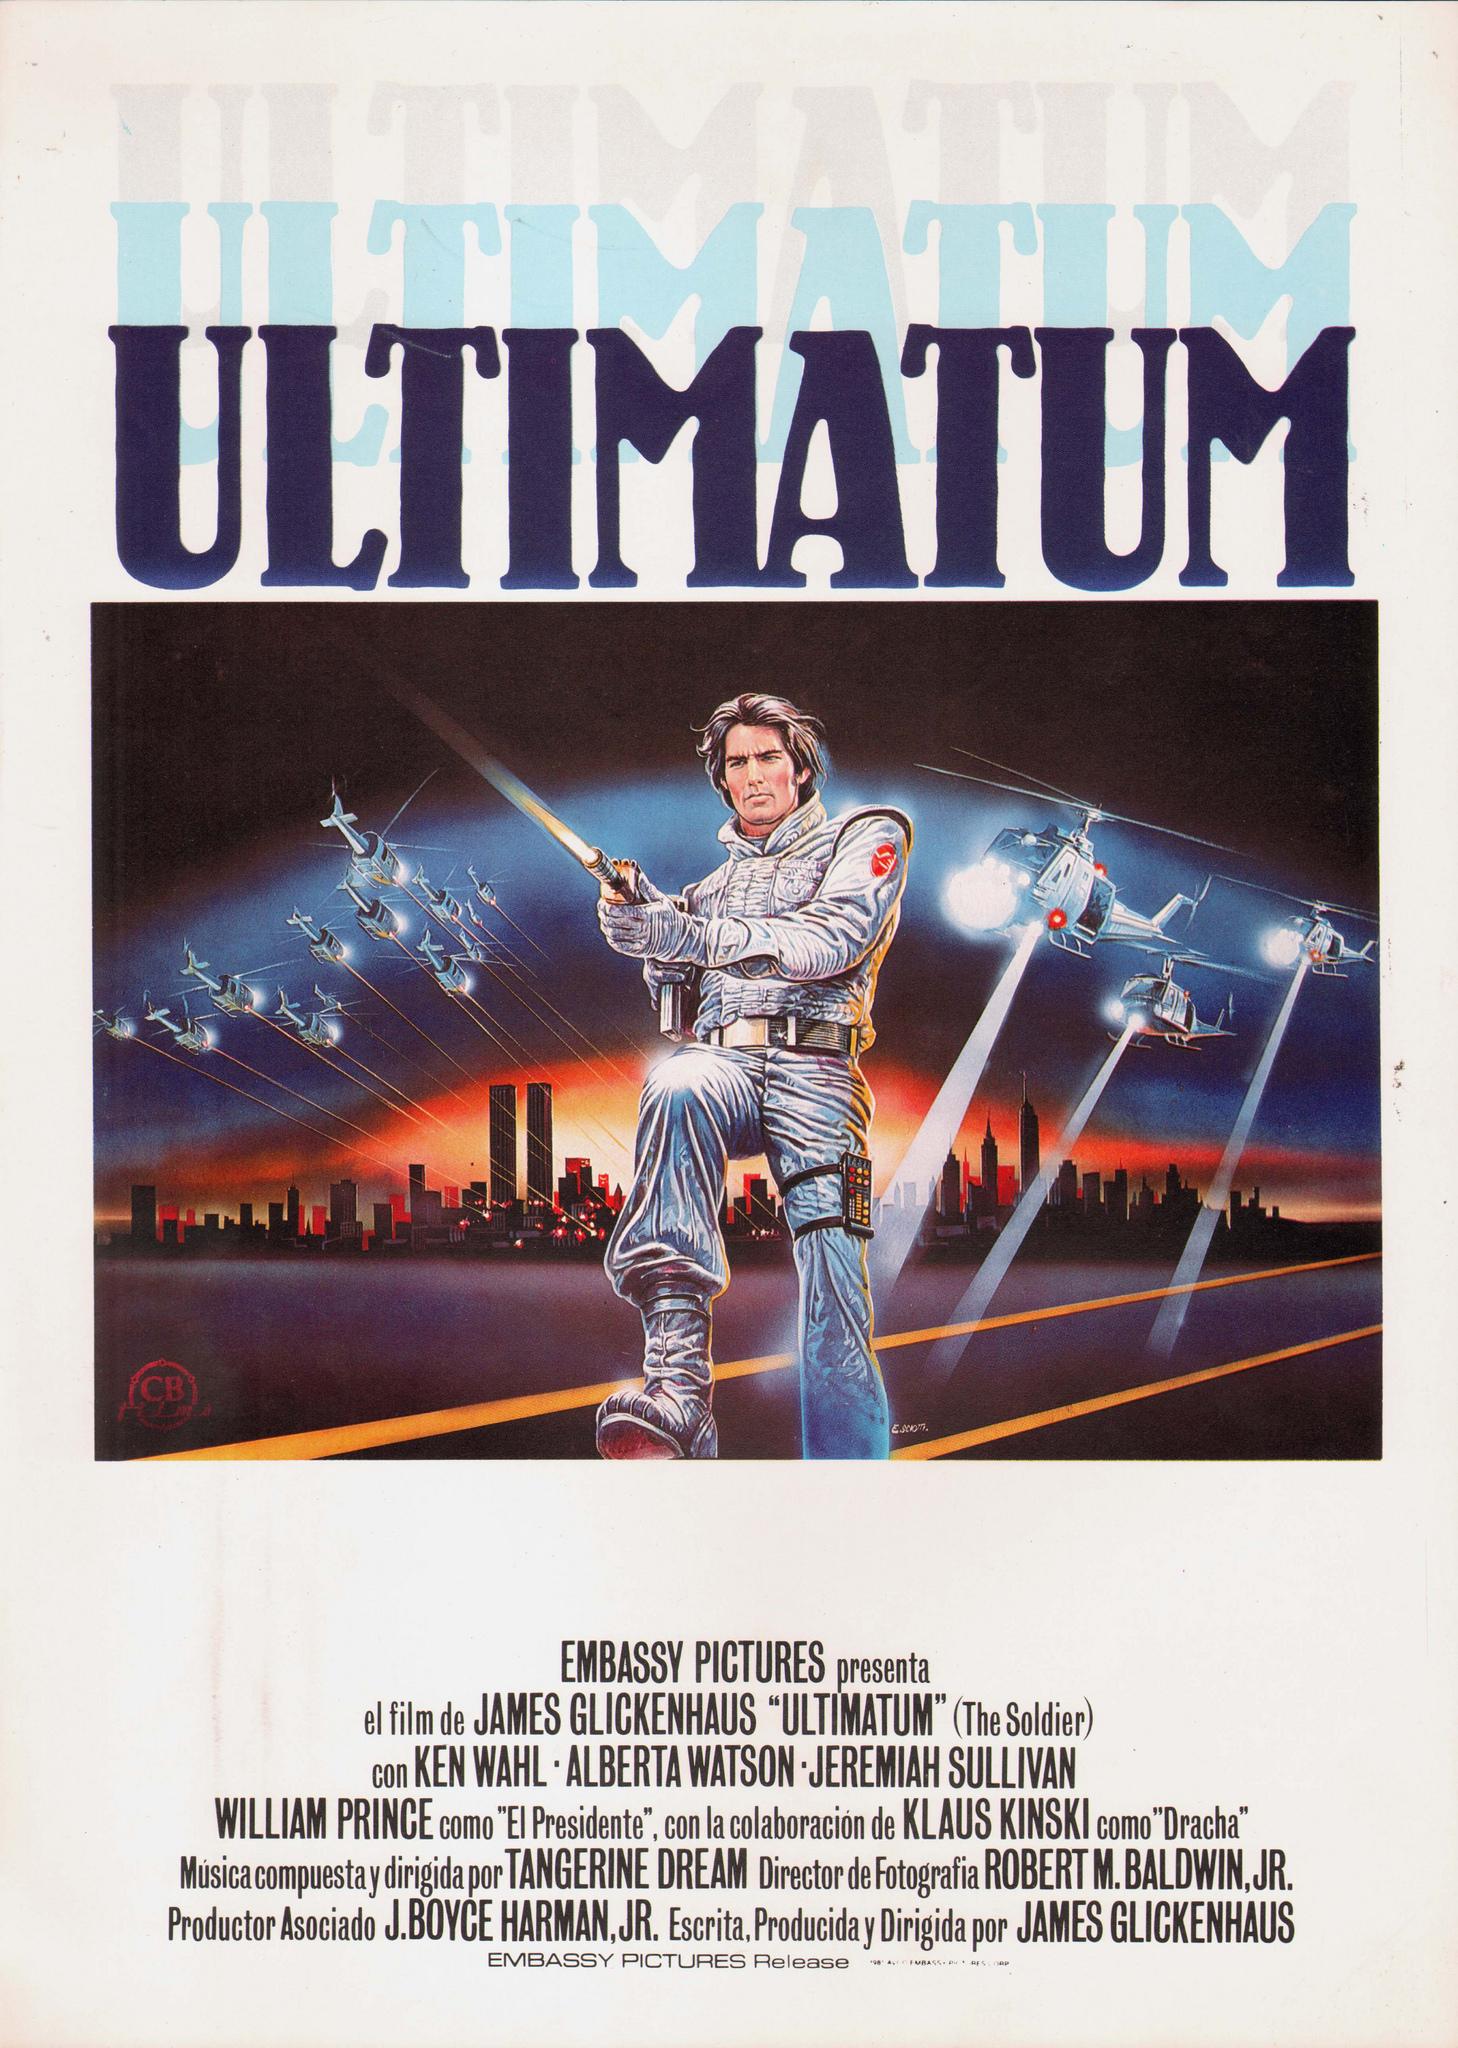 The final plutonium ultimatum